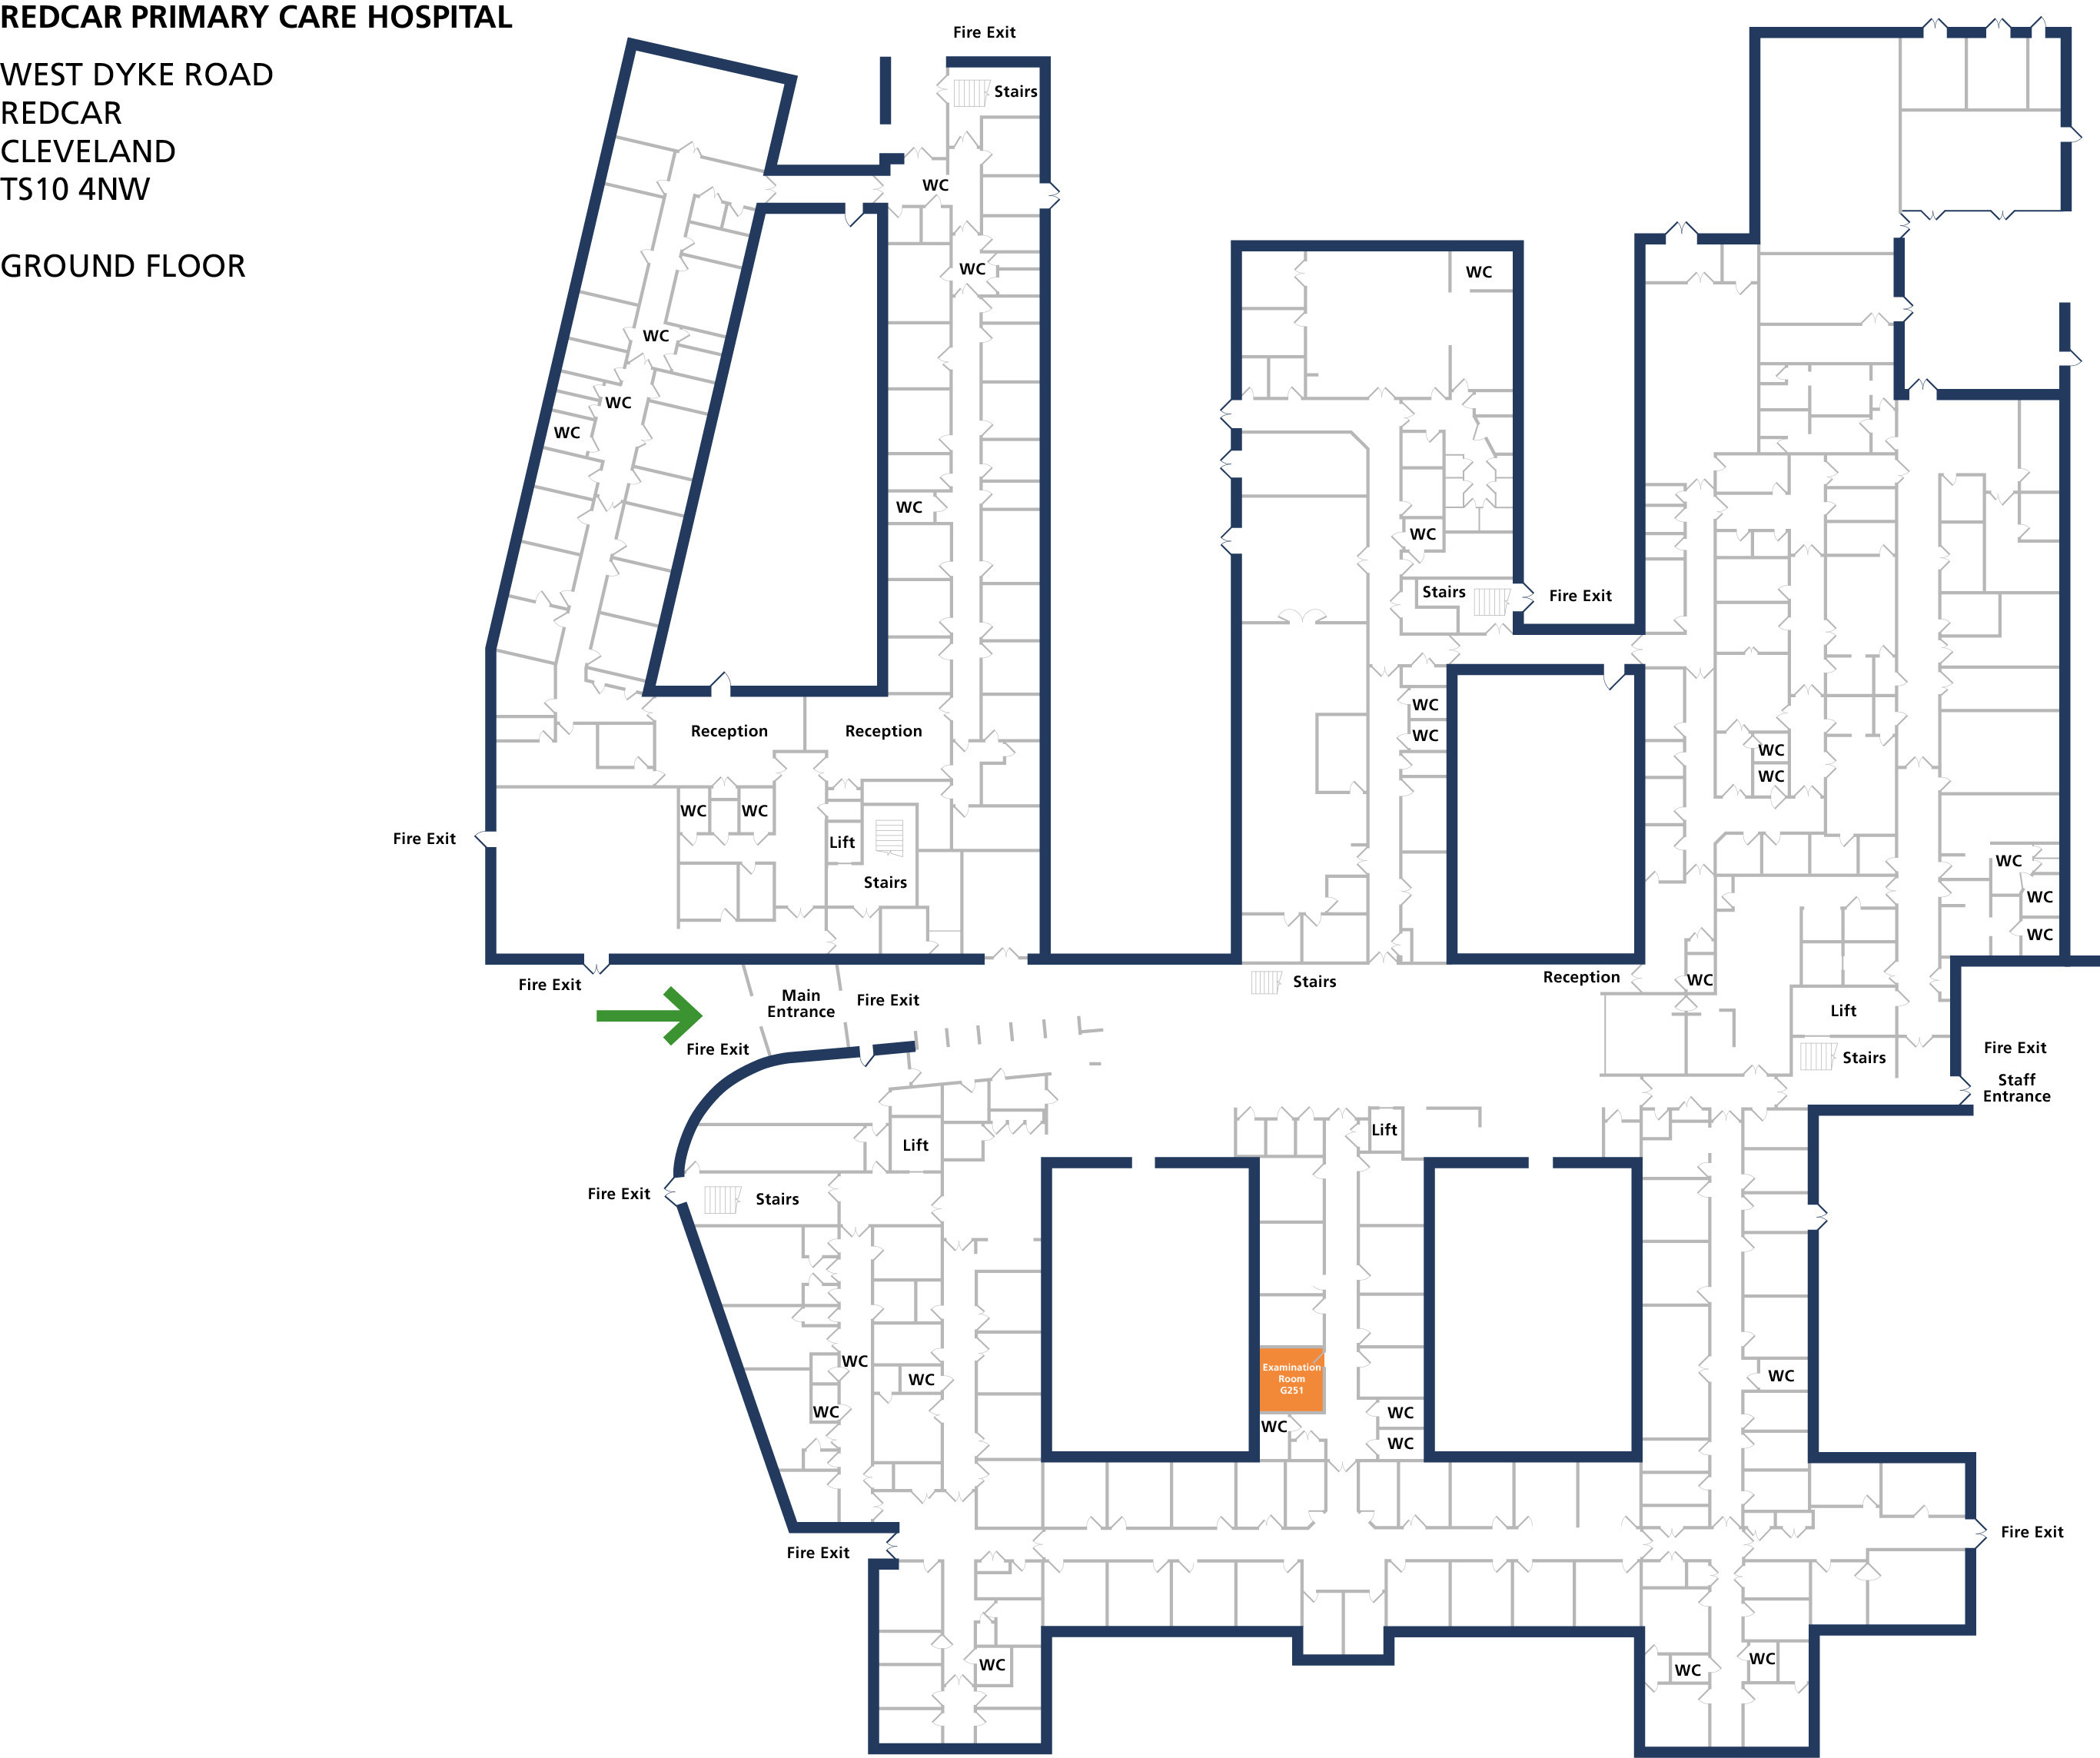 Examination room 251